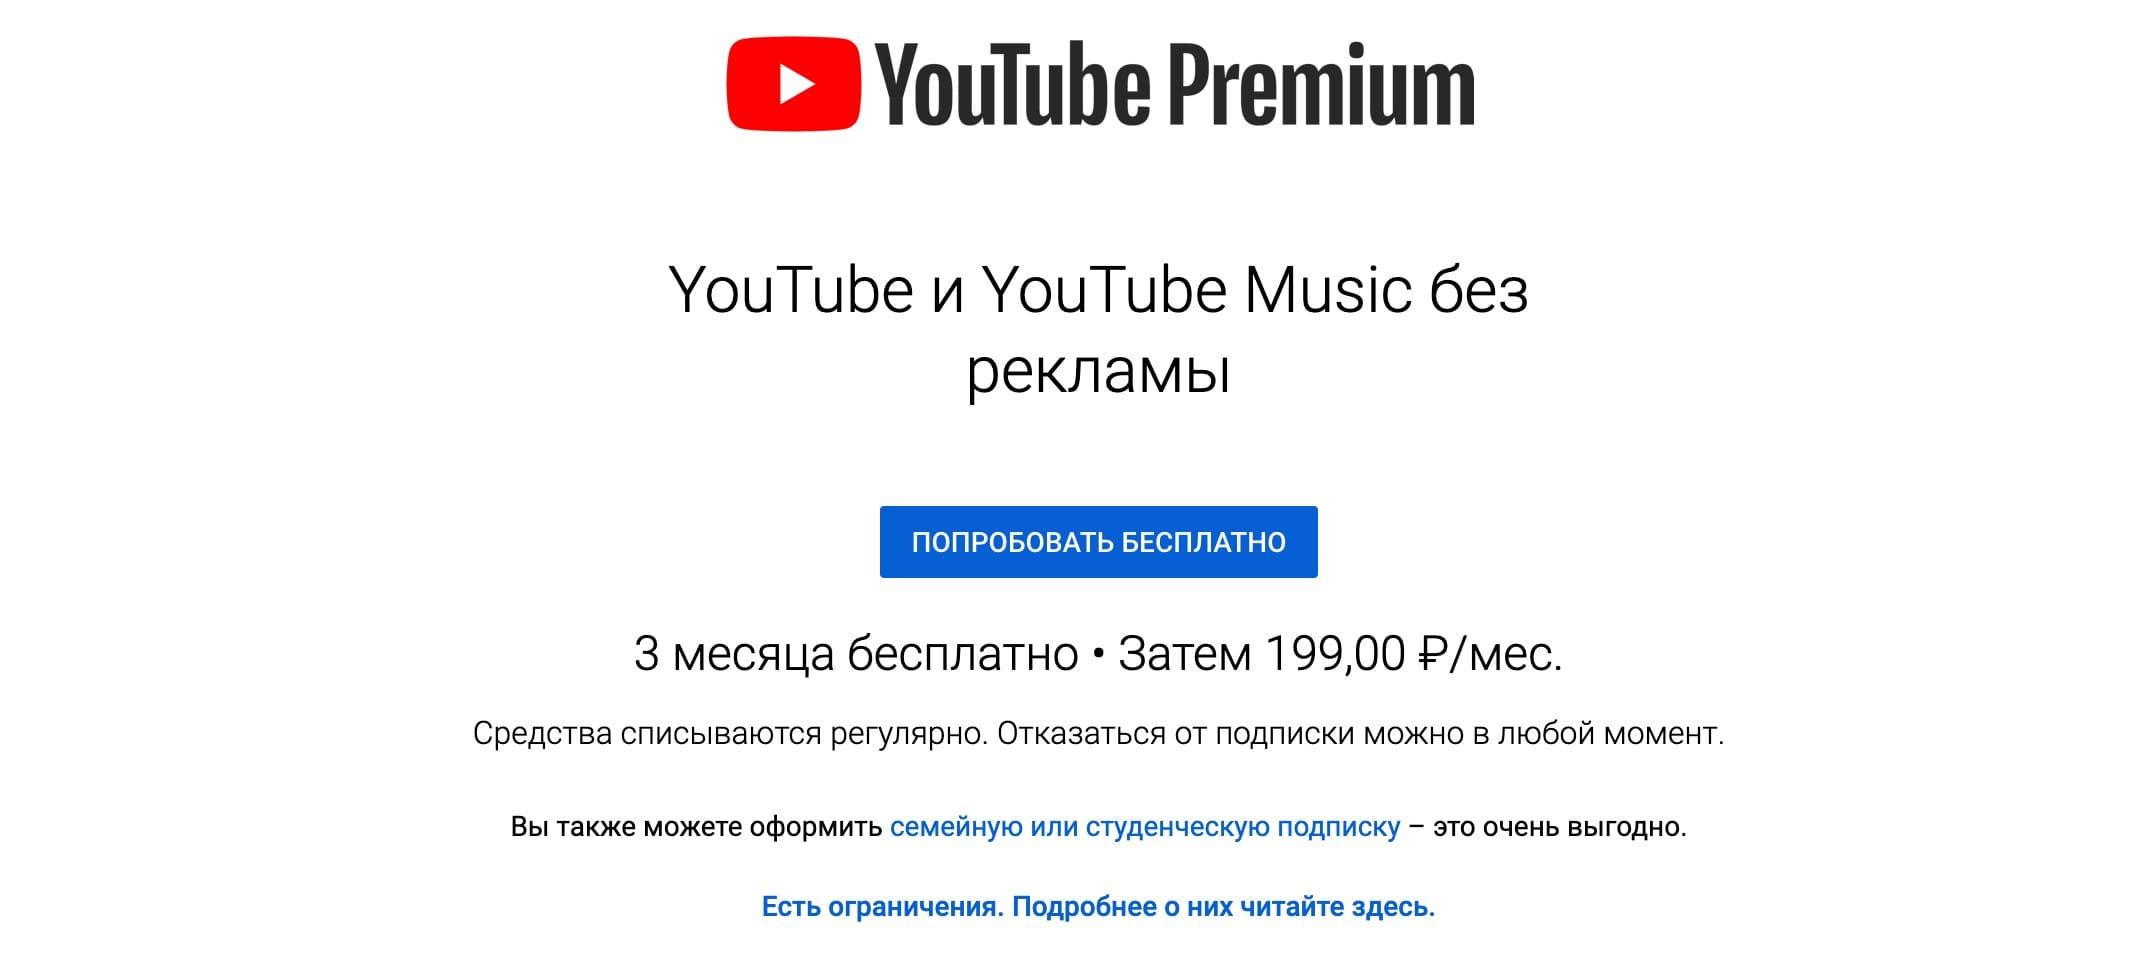 YouTube Premium или AdBlock? Как скрыть рекламу качественно? 11 - lenium.ru